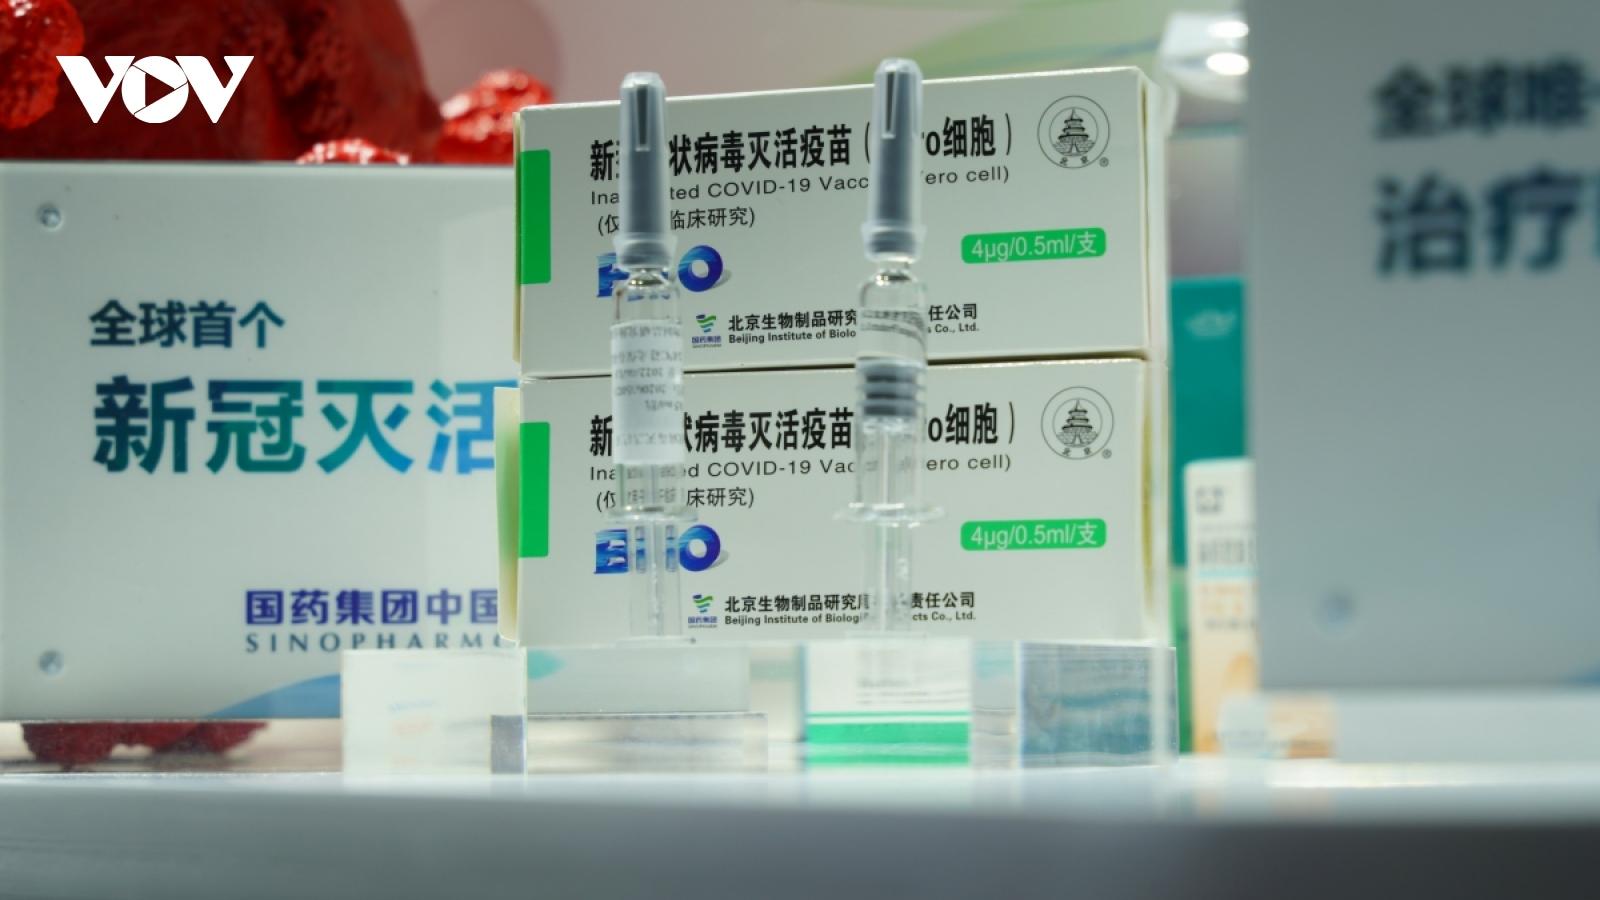 Sinopharm (Trung Quốc) nâng sản lượng vaccine Covid-19 lên 3 tỷ liều/năm